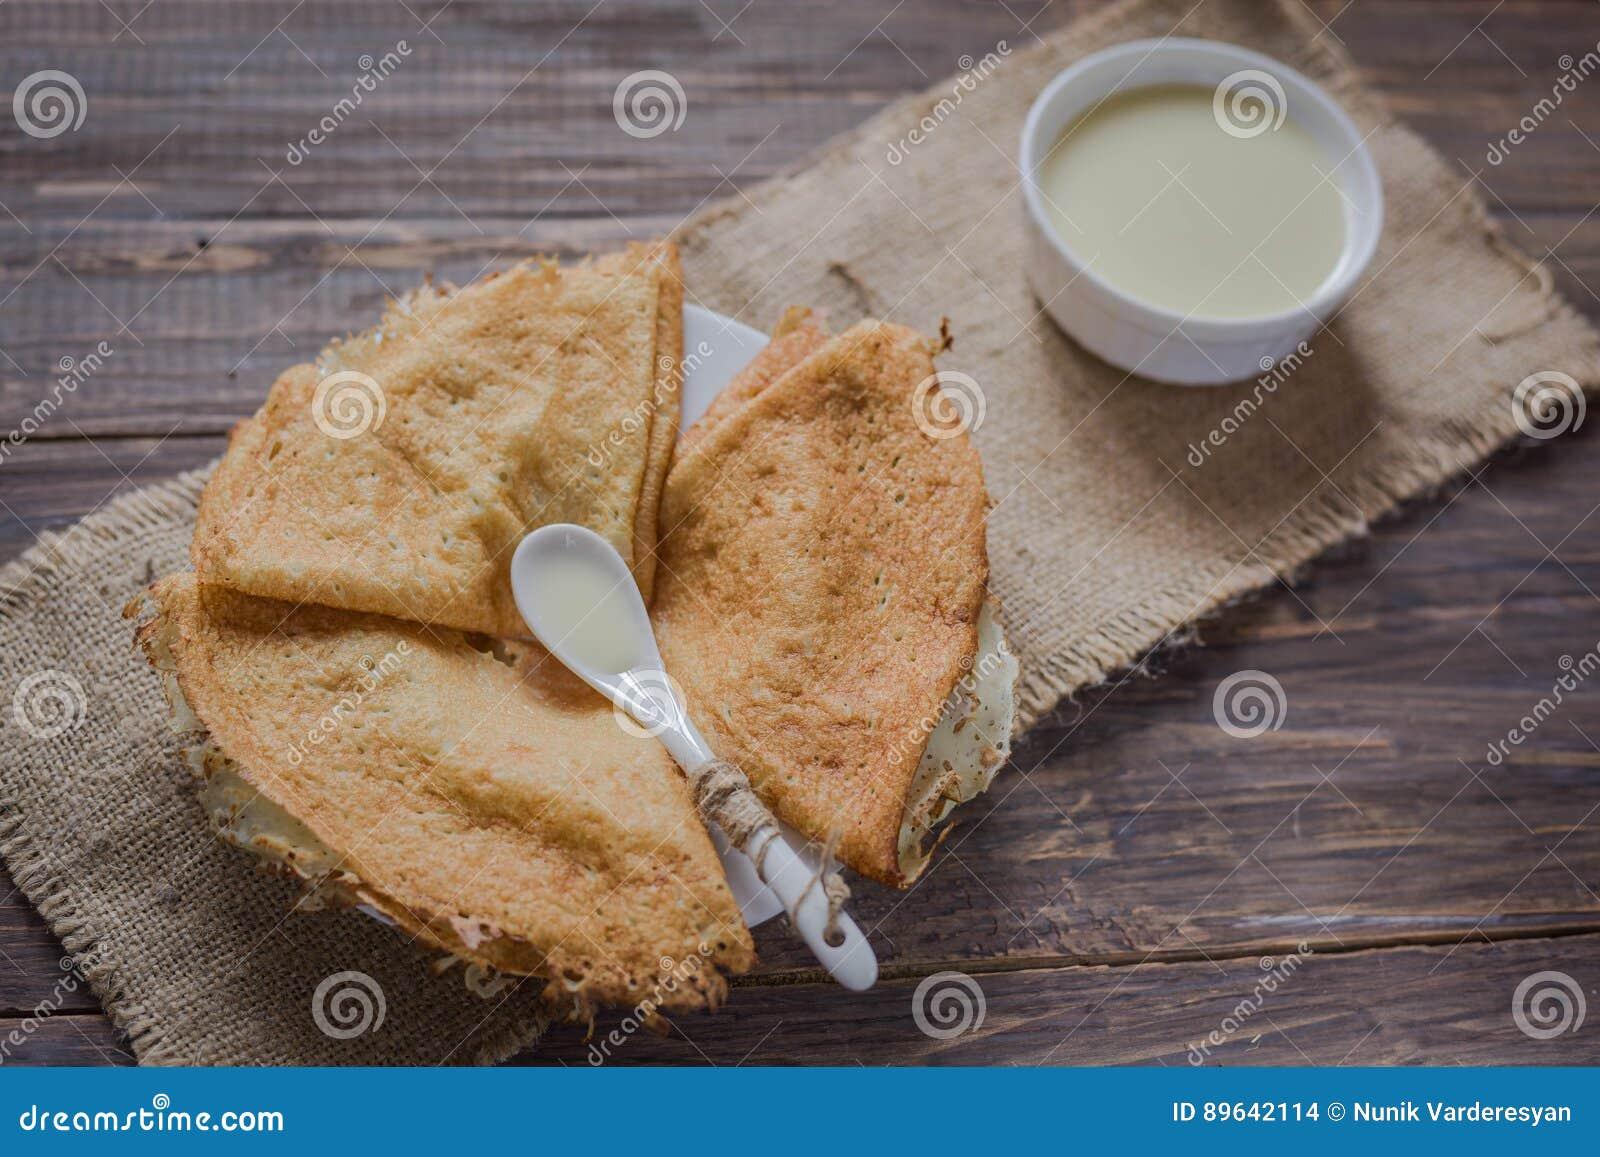 浓缩牛奶薄煎饼